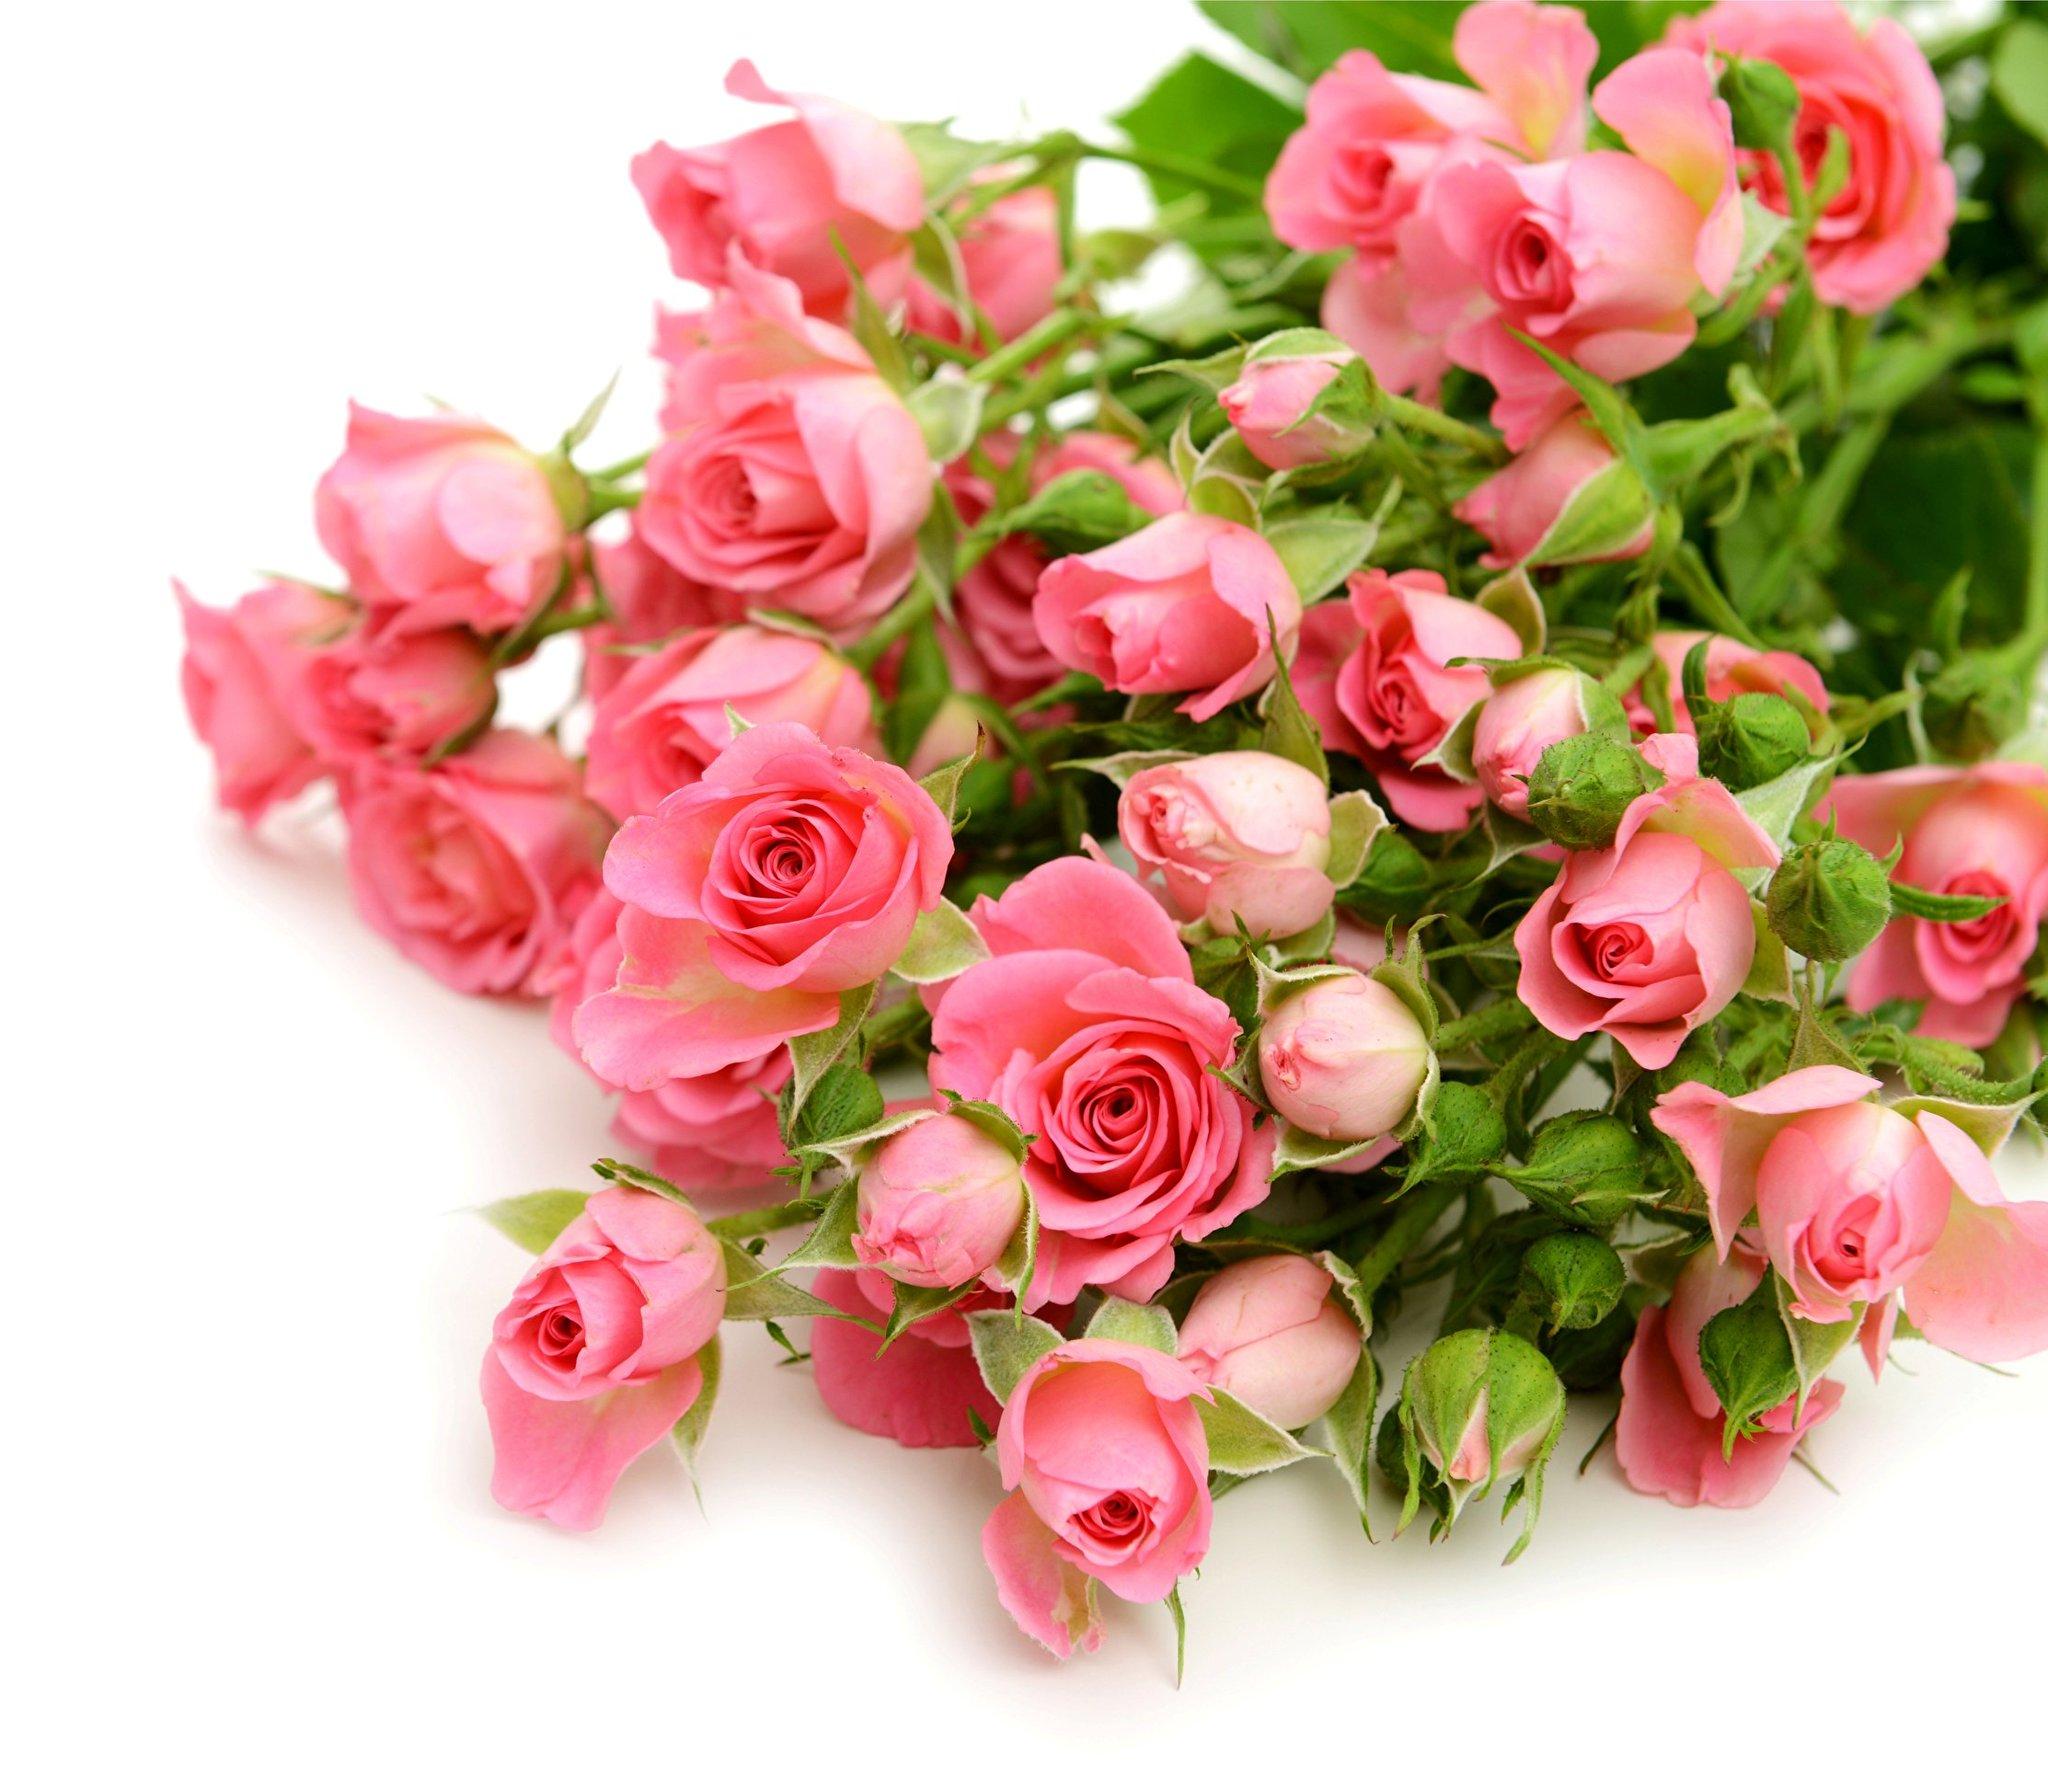 Картинки с днем рождения цветы без надписей